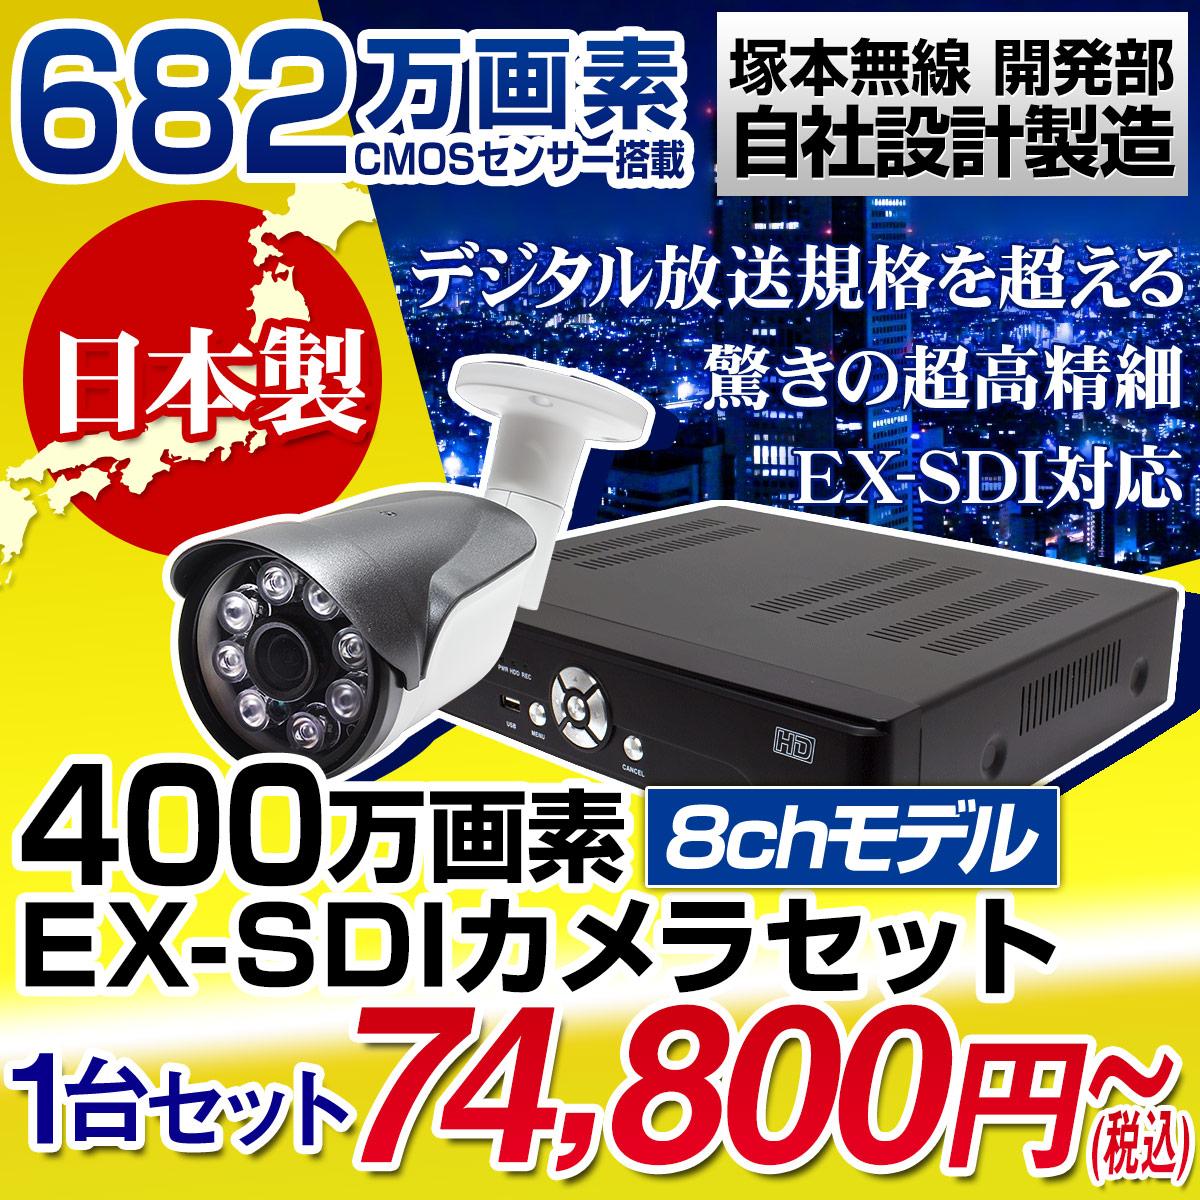 【新発売】日本製 EX-SDI防犯カメラ 400万画素 682万画素CMOSセンサー搭載 屋外防滴仕様赤外線カメラ1台と録画機セット HDD2TB内蔵8chモデル 超高画質 夜間監視 DVR【国内保証、国内サポート、国内問合わせ可能。防犯カメラ 業界一の塚本無線が 最大3年保証 】